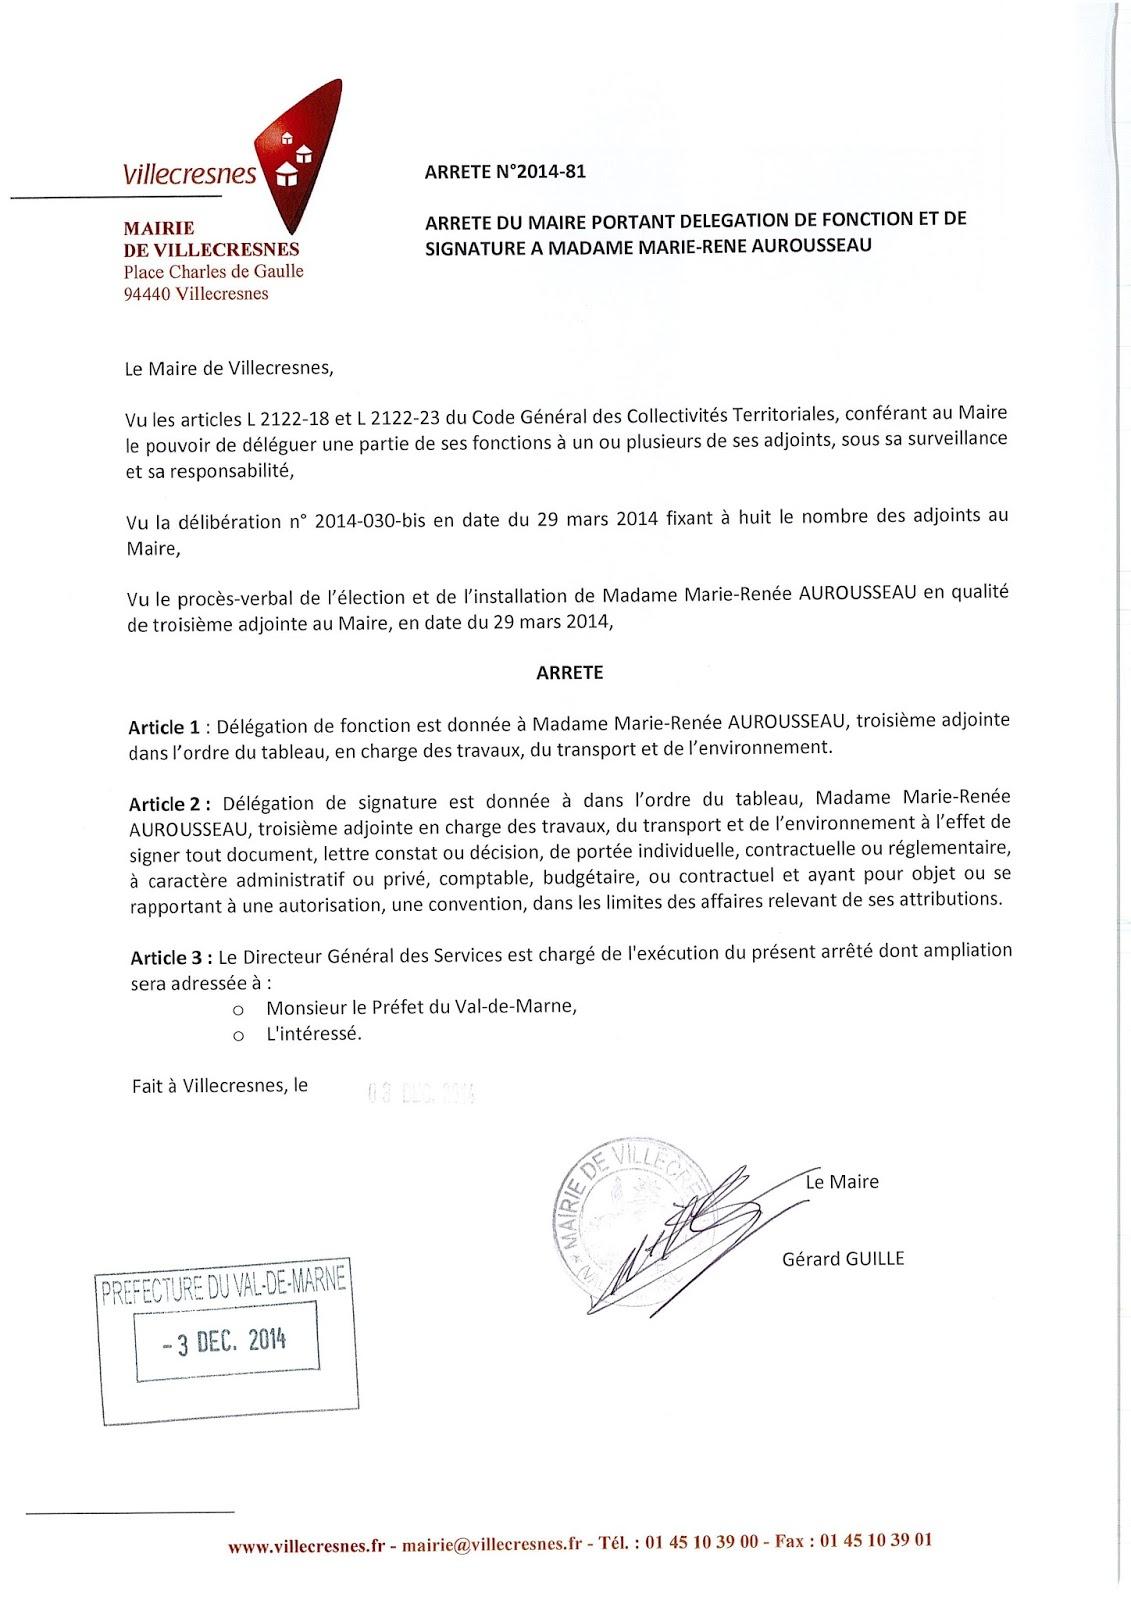 2014-081 Délégation de fonction et de signature à Madame Marie-Renée Aurousseau